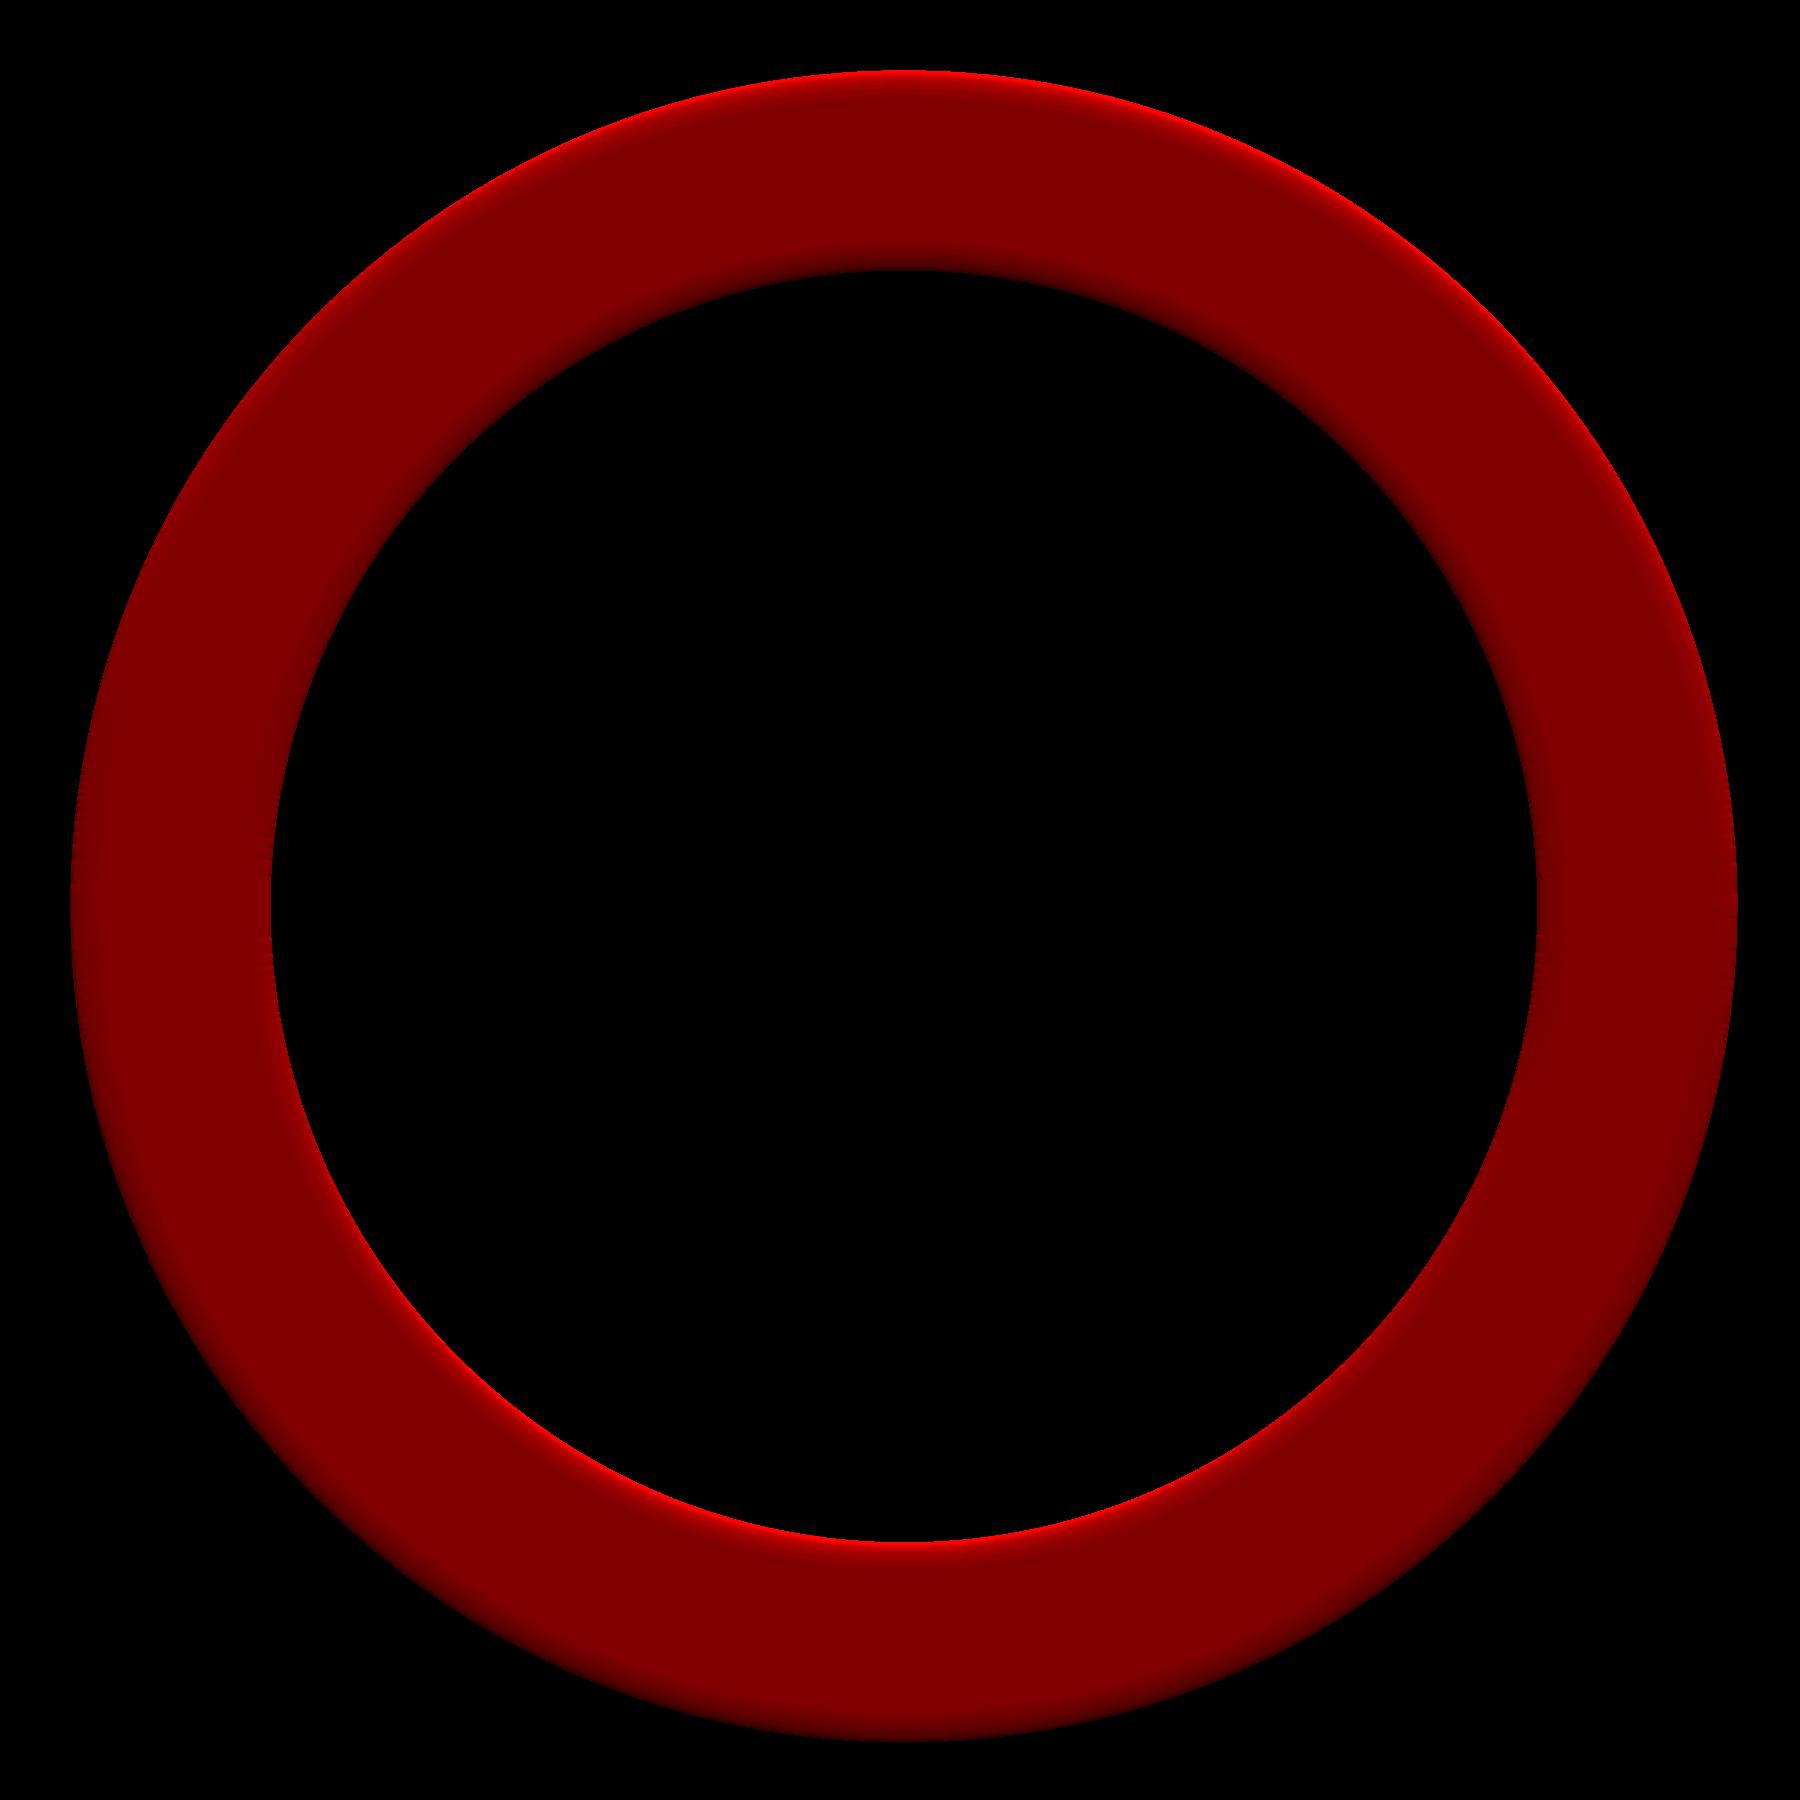 Circle png #25317.